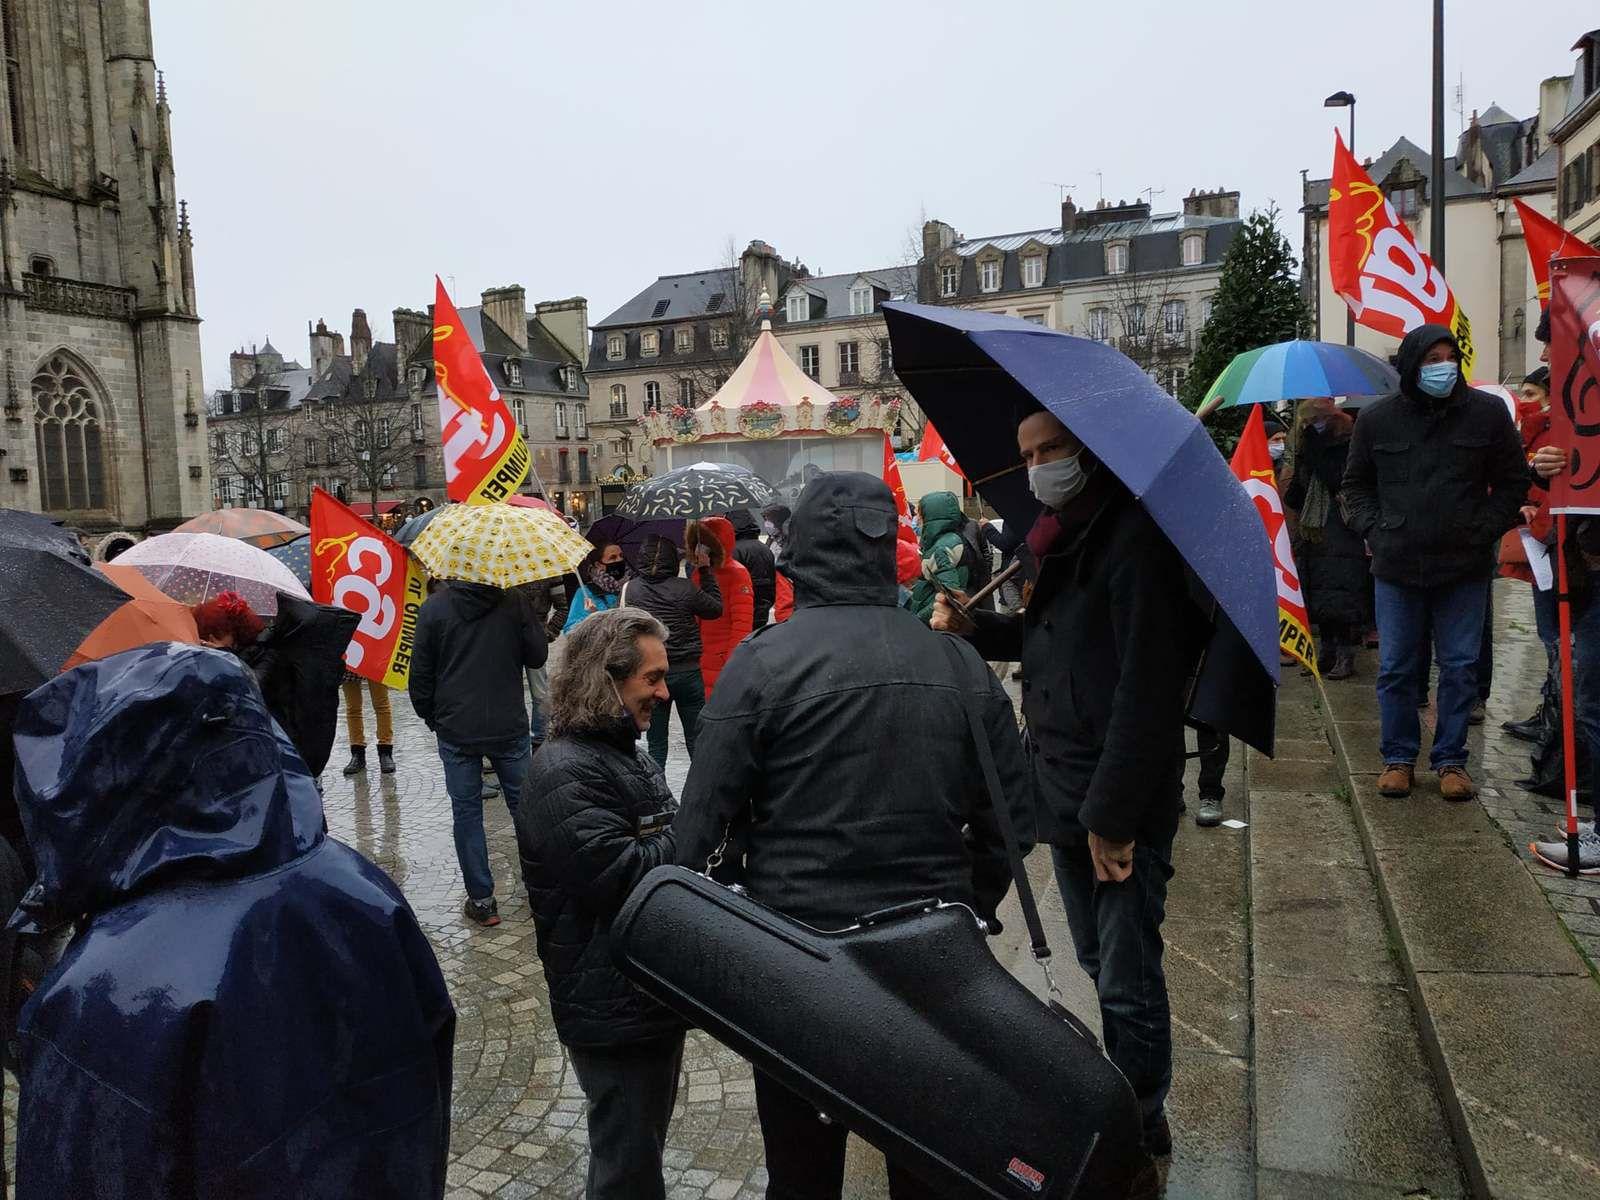 3 décembre 2020 - Le monde de la culture manifeste à Quimper à l'appel de la CGT (photos et commentaire Yvonne Rainero)